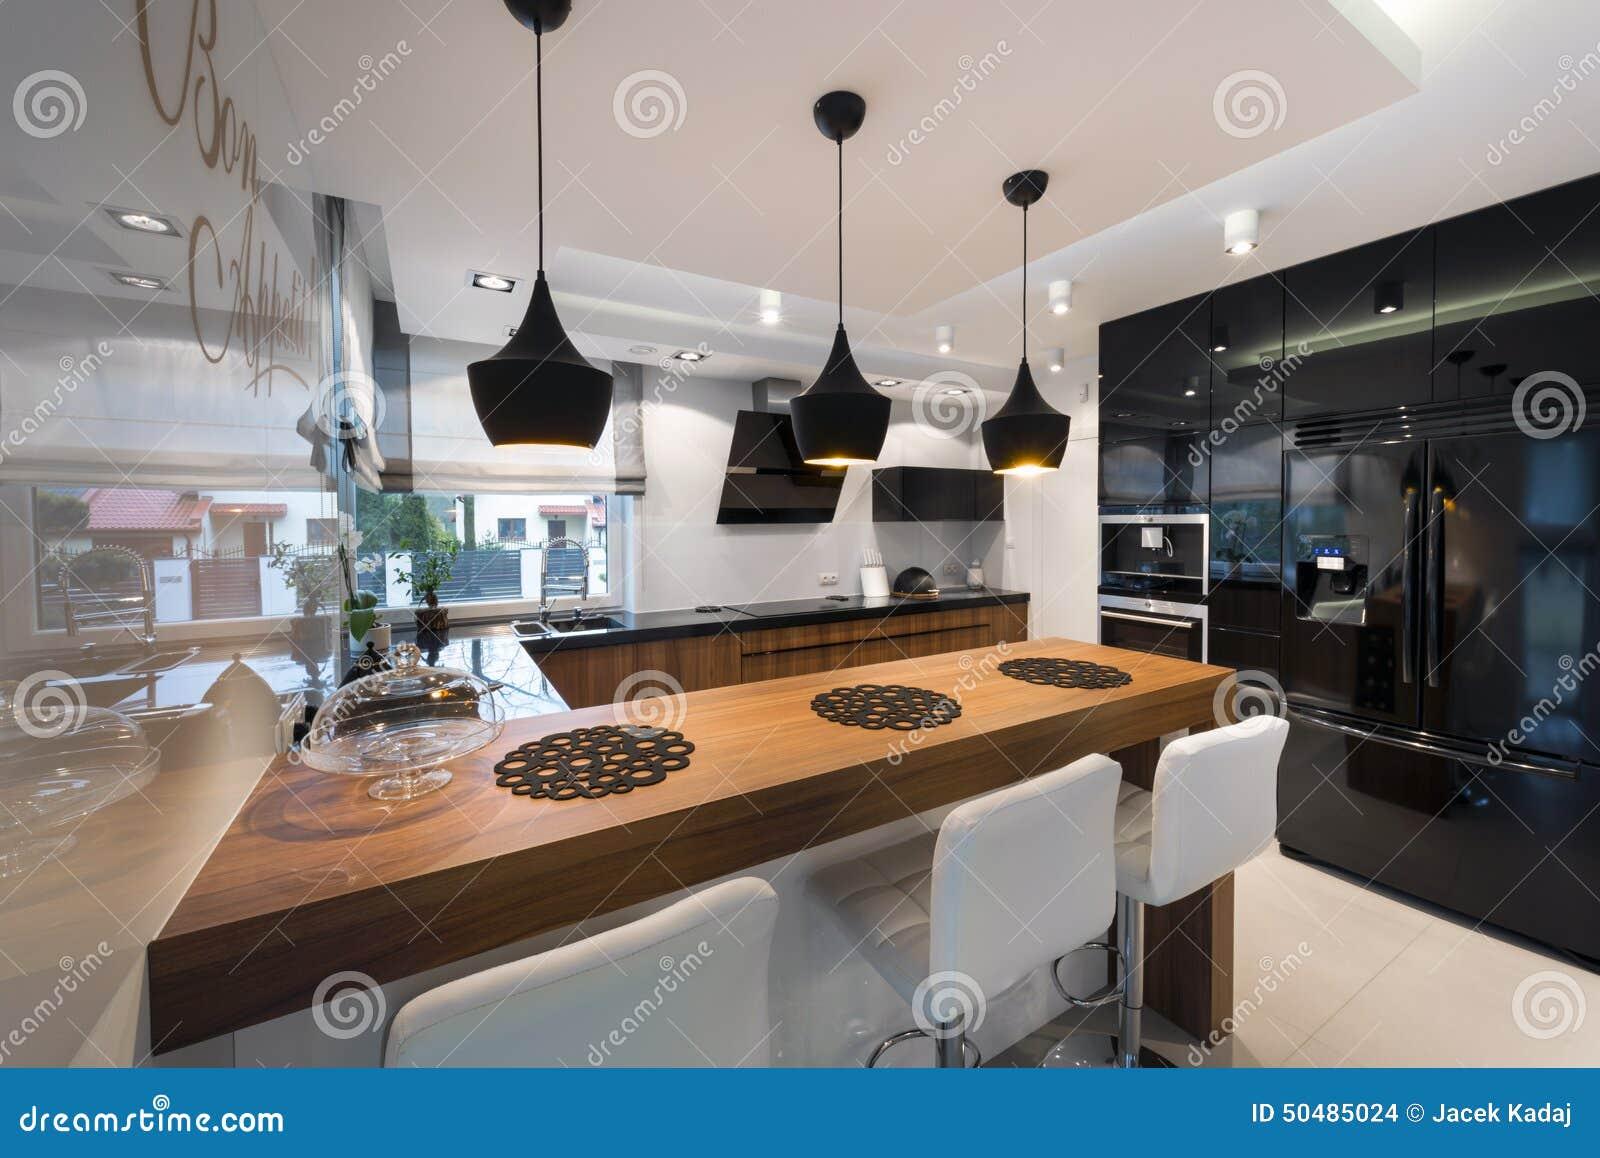 Dise o de interiores cocinas modernas casa dise o for Interior cocinas modernas